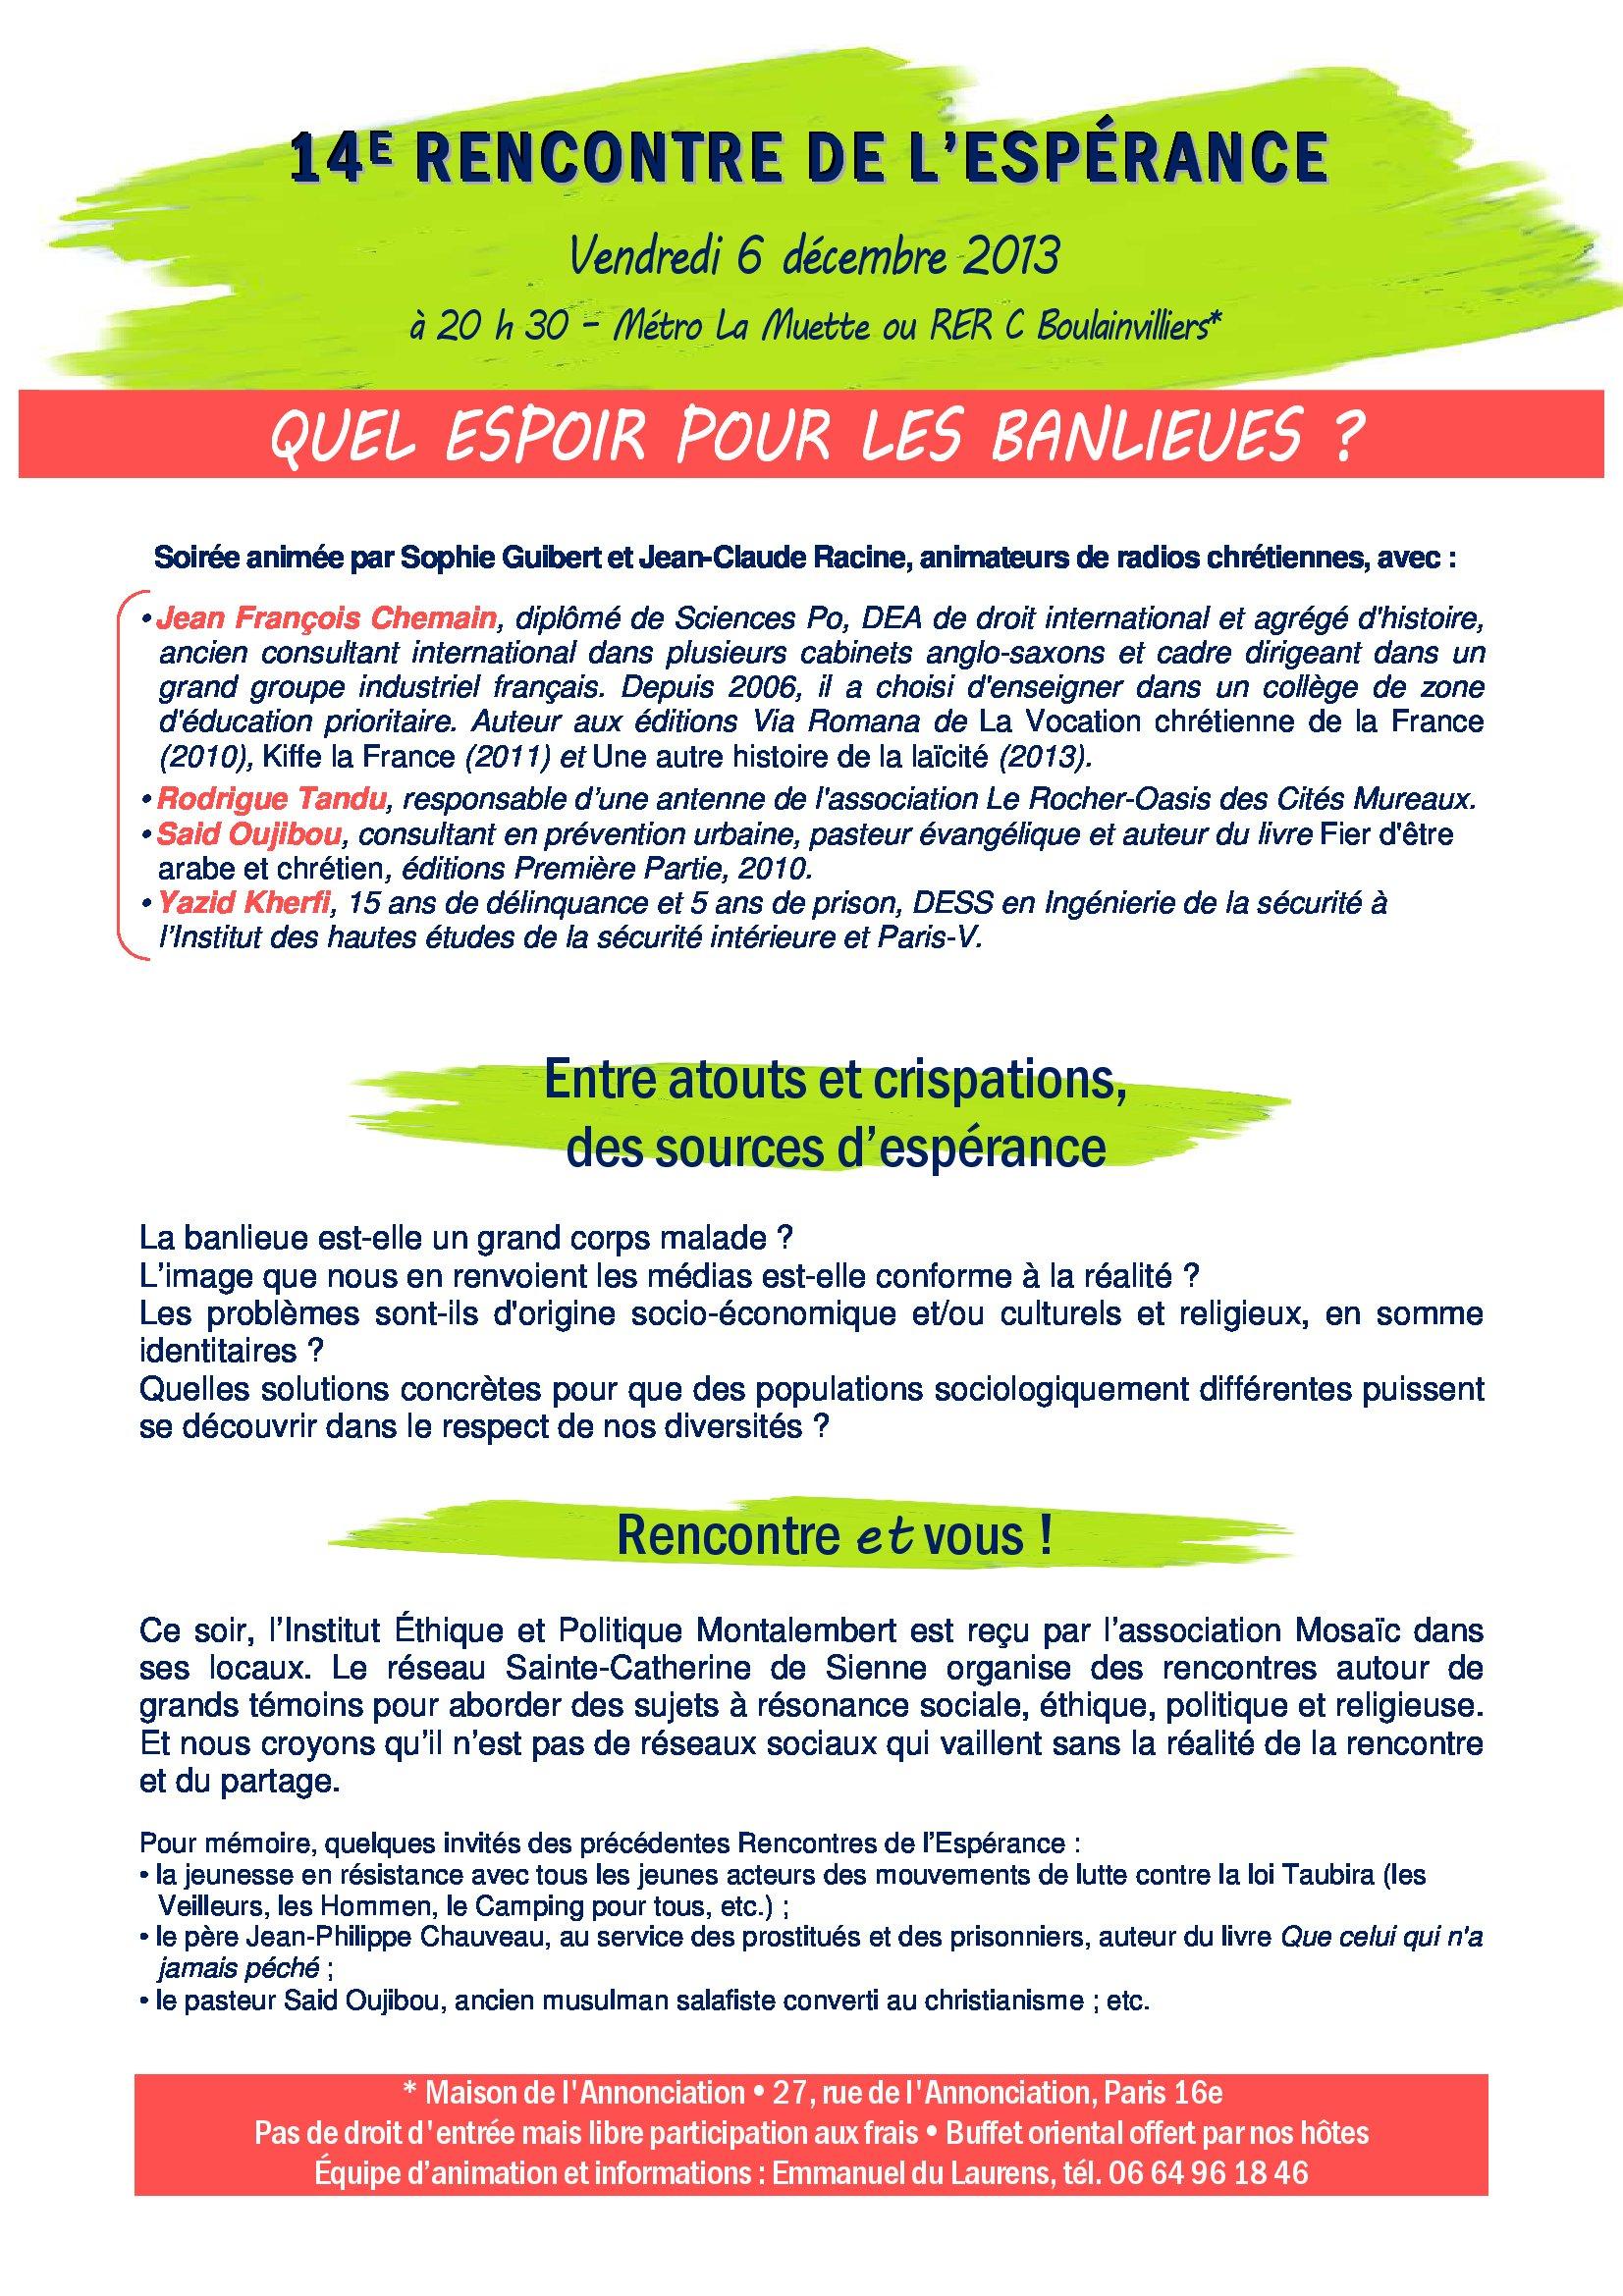 Soiree-du-06-12-1013